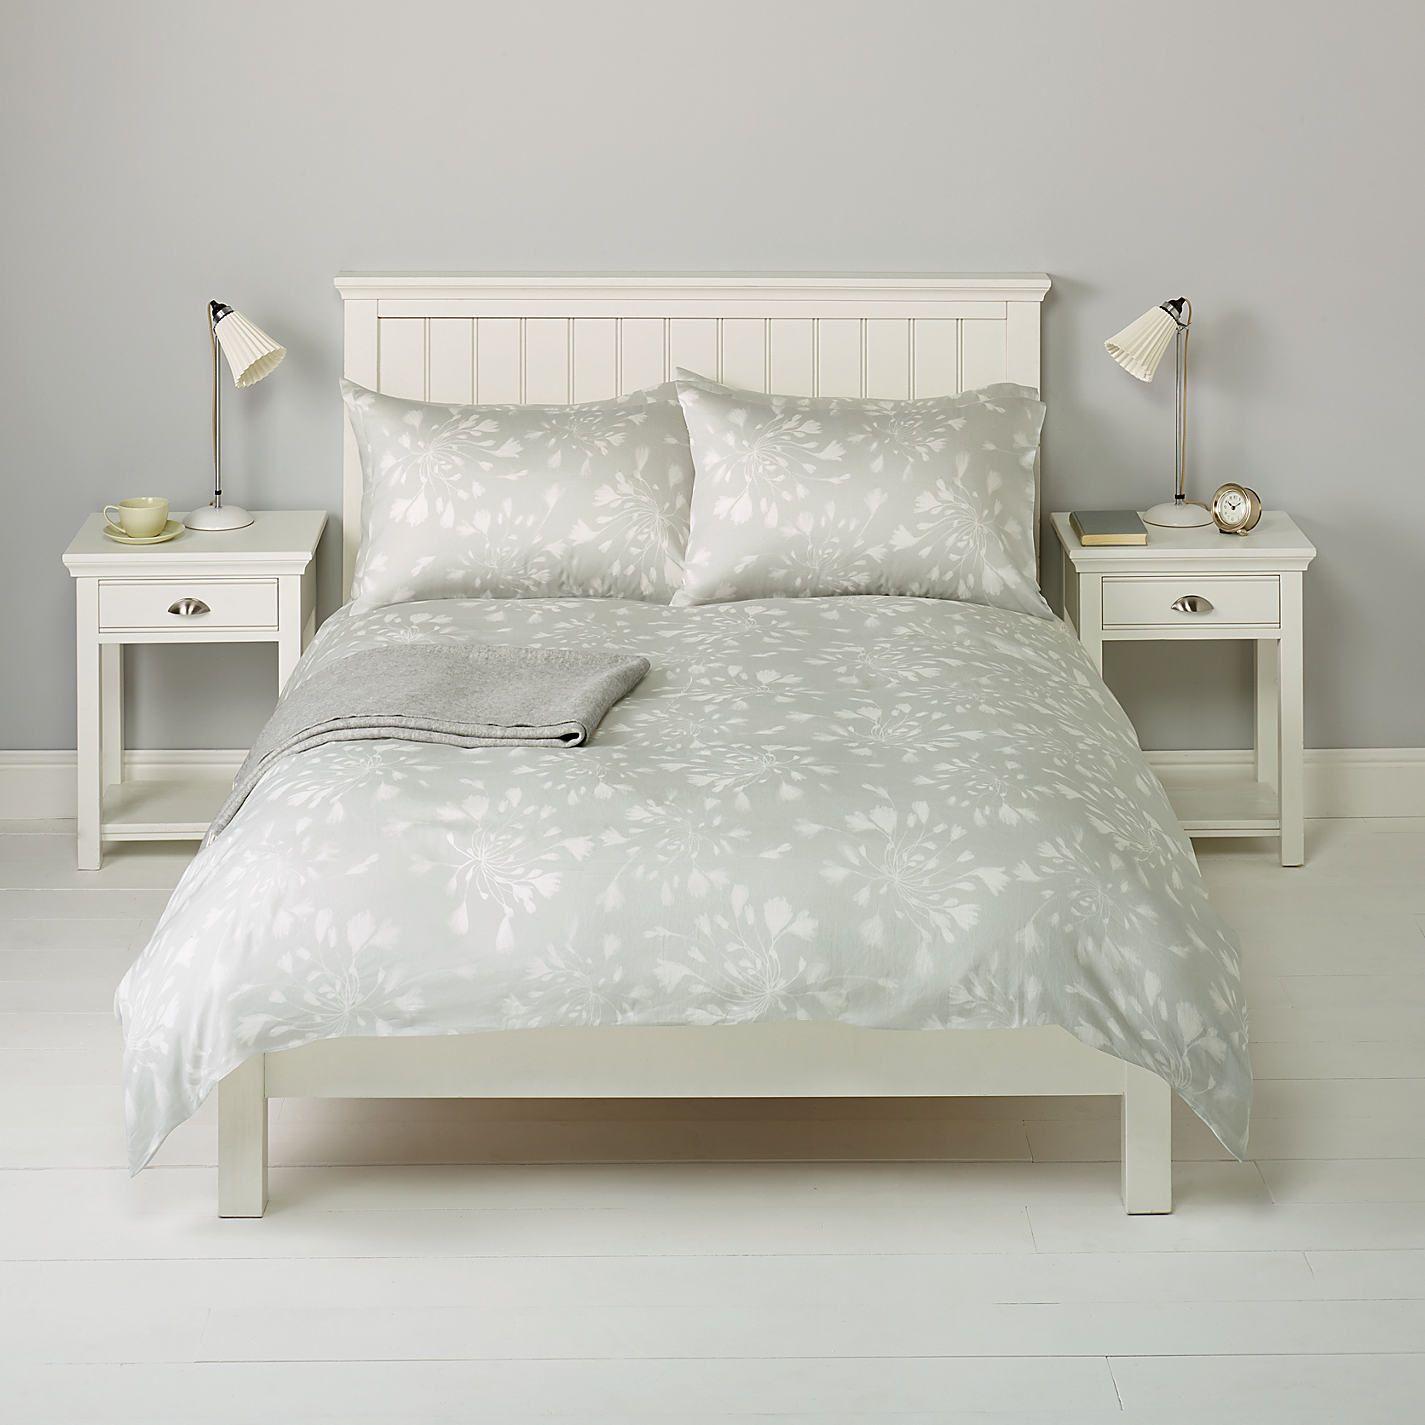 Buy John Lewis Agapanthus Bedding Grey